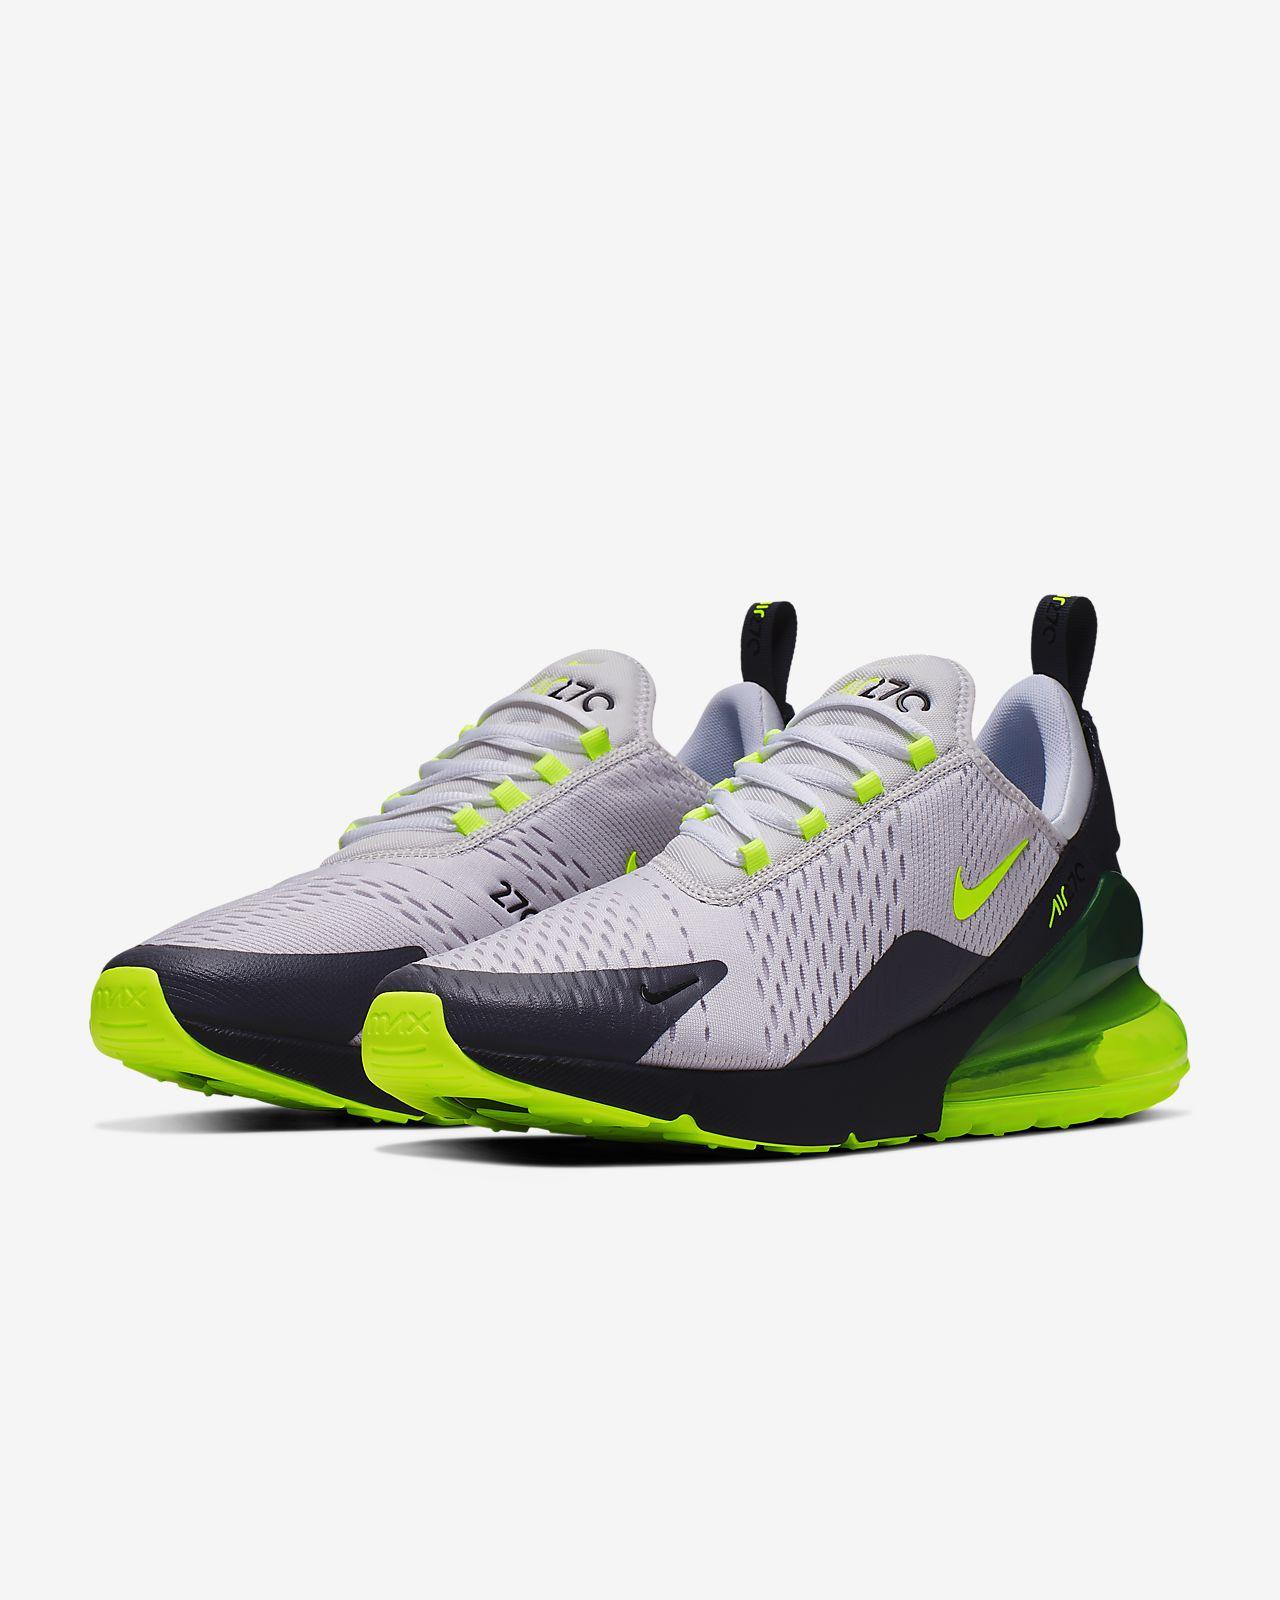 the best attitude 3ec64 afaa1 Nike Air Max 270 Men's Shoe